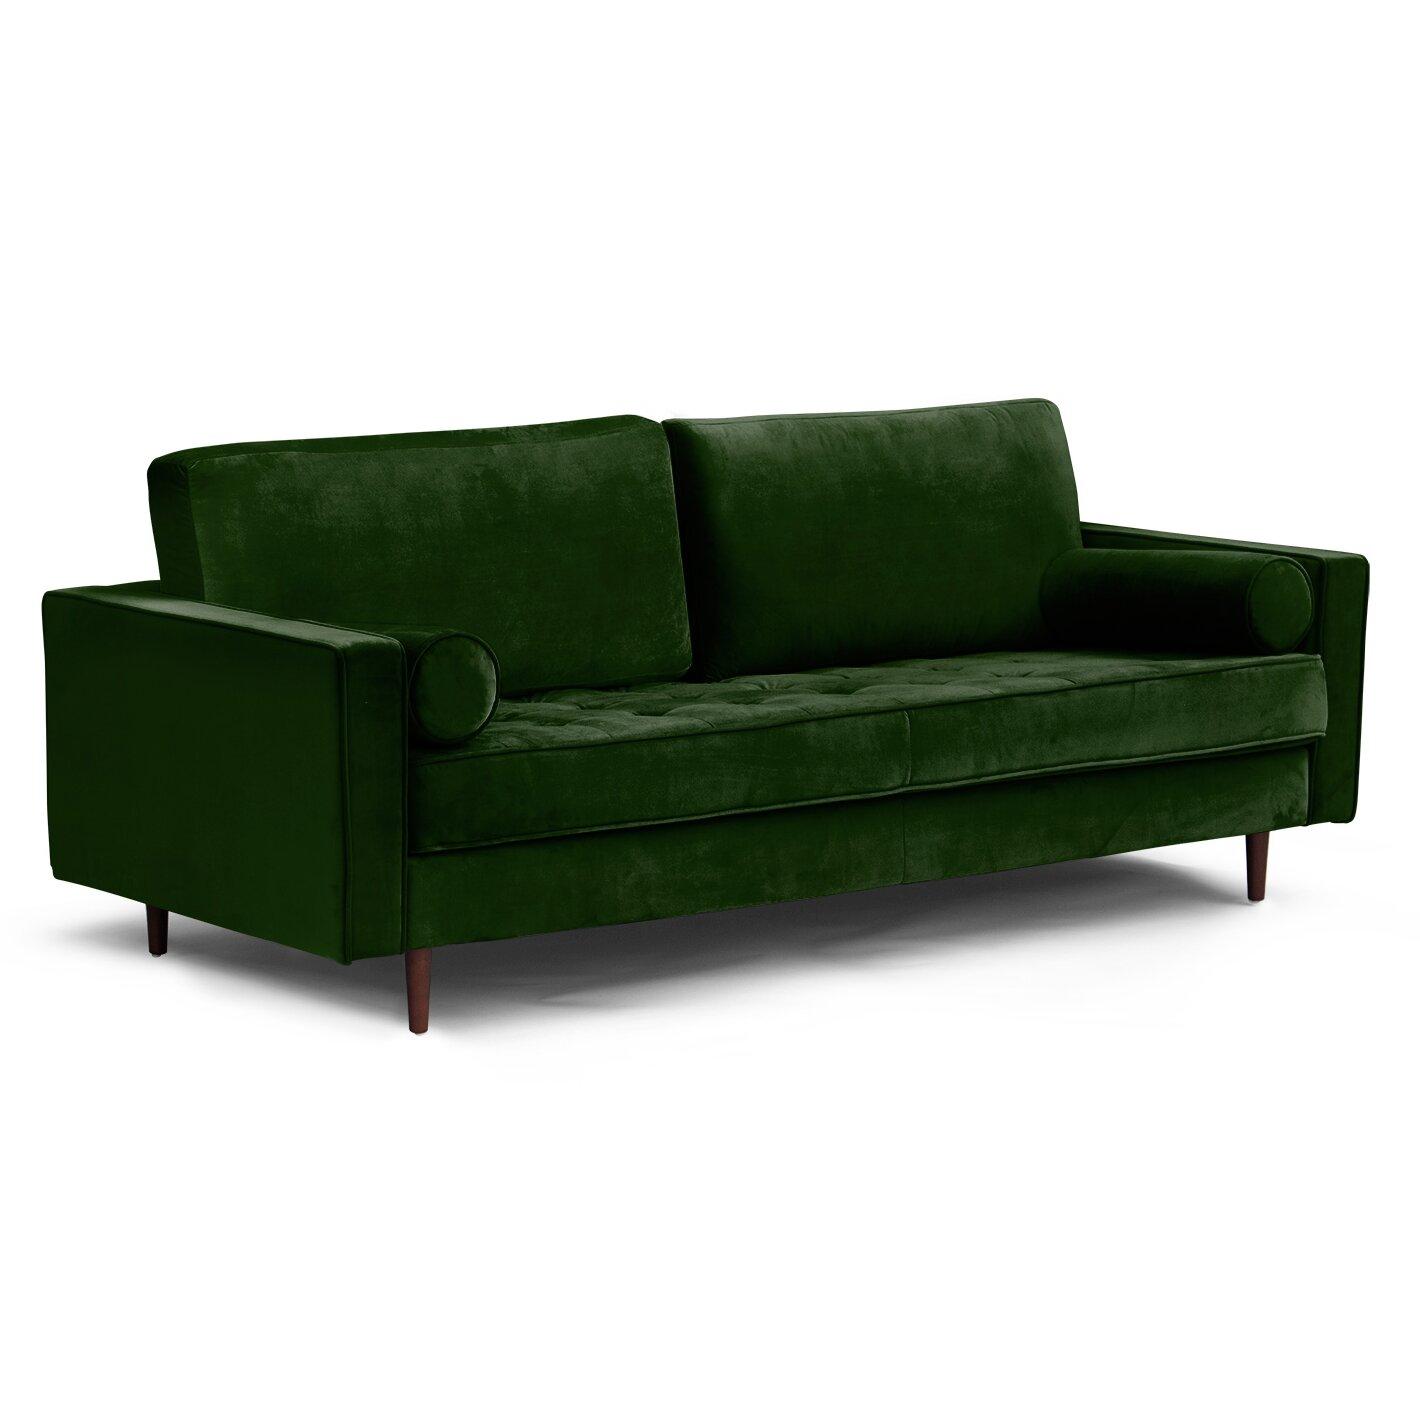 Modern Low Back Sofas Instasofas